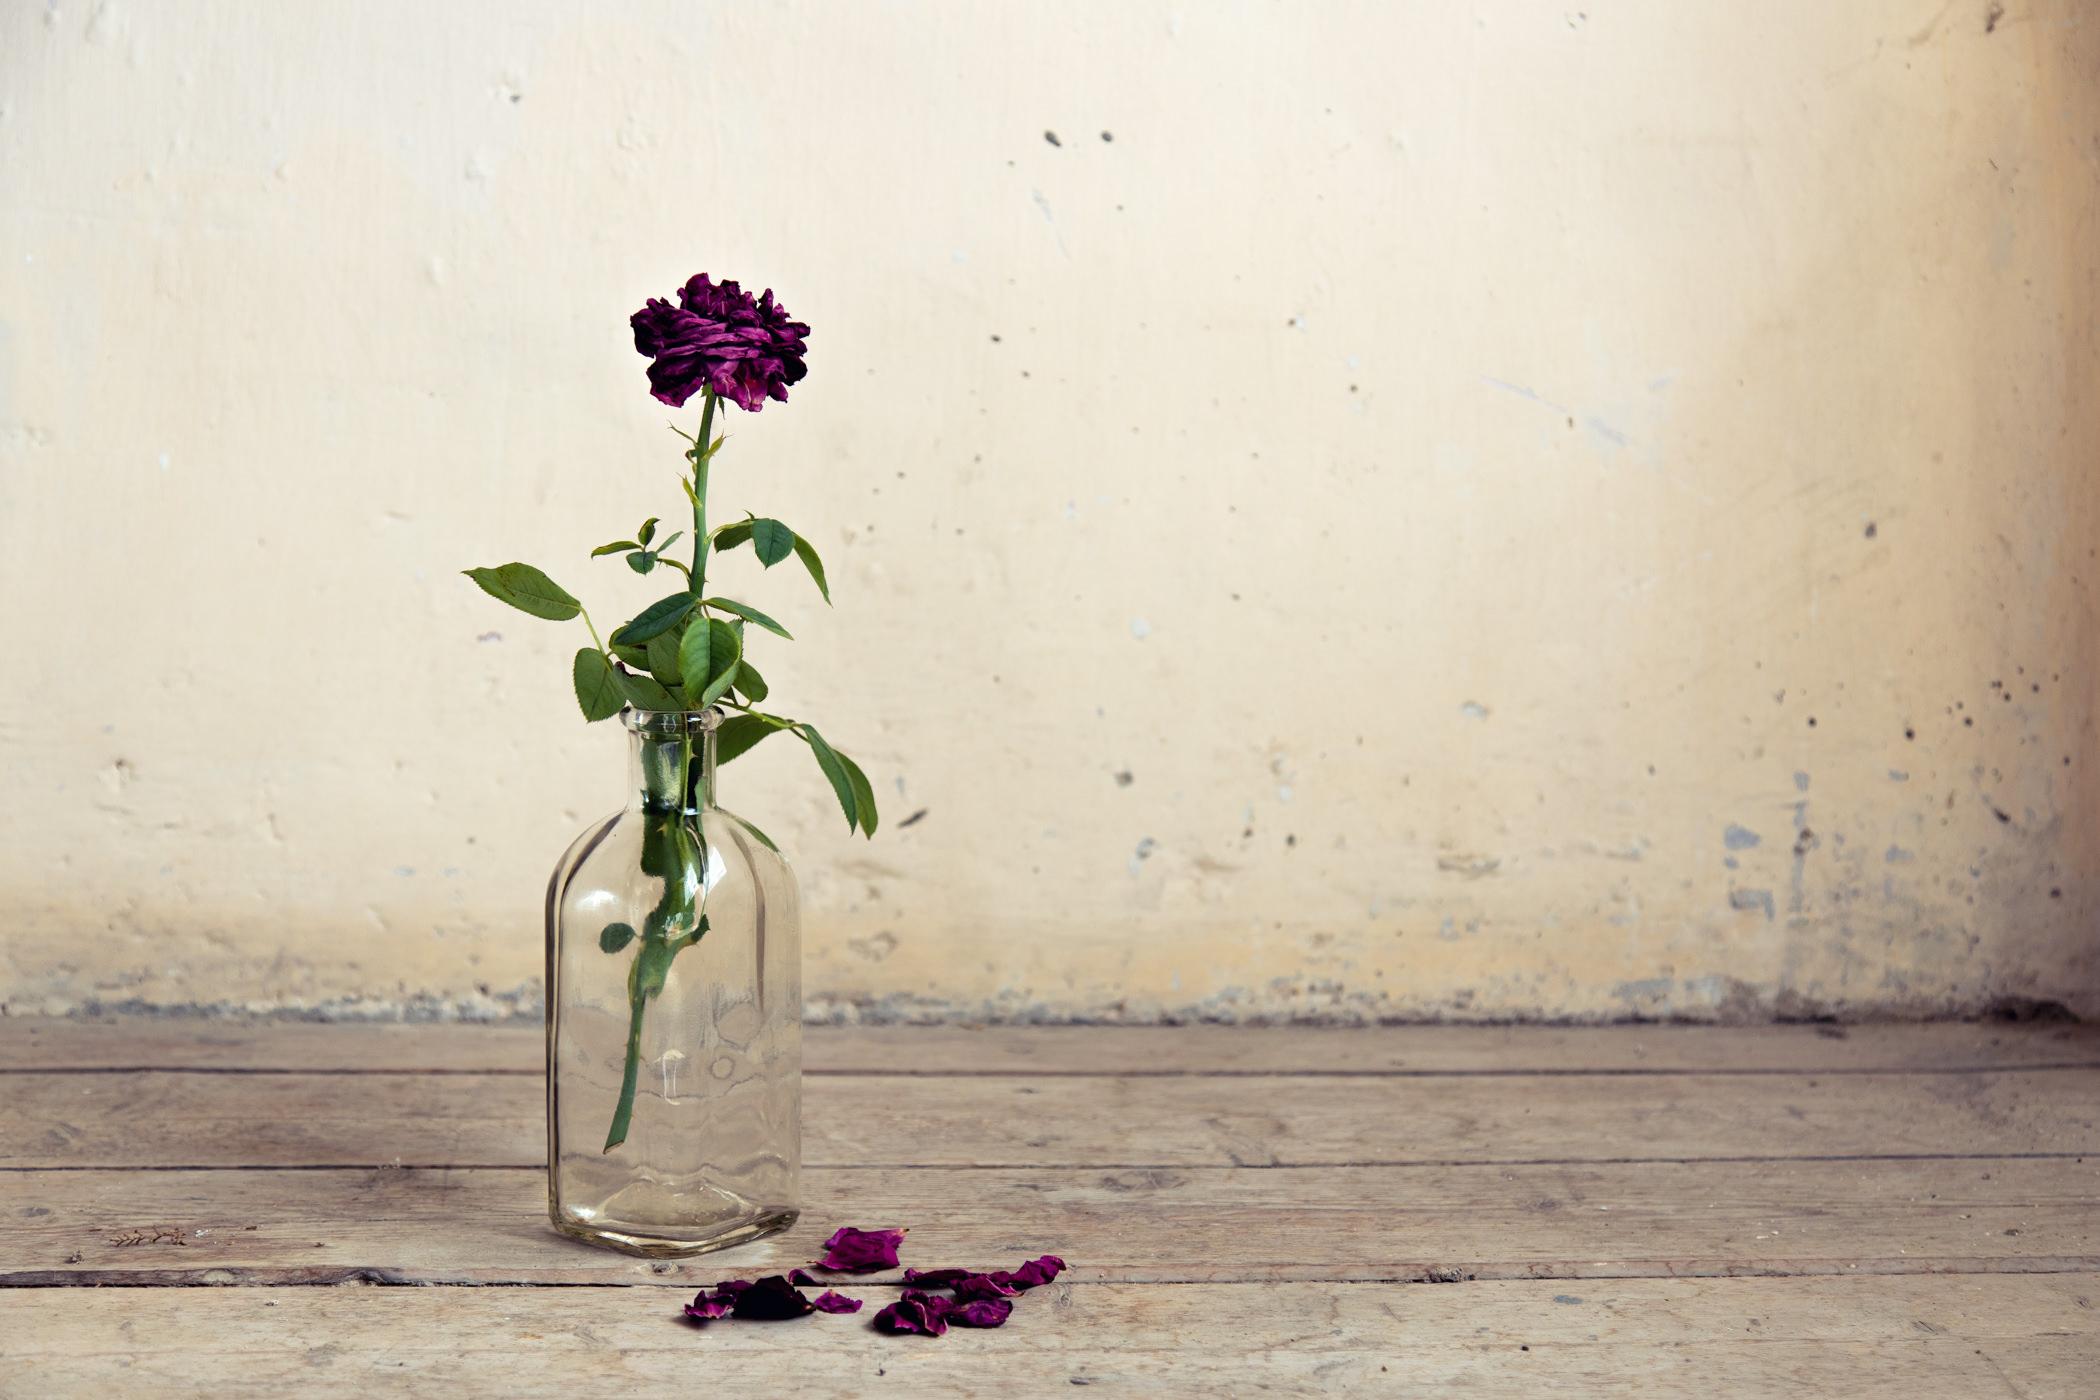 Bodegón con rosa solitaria en bote de cristal